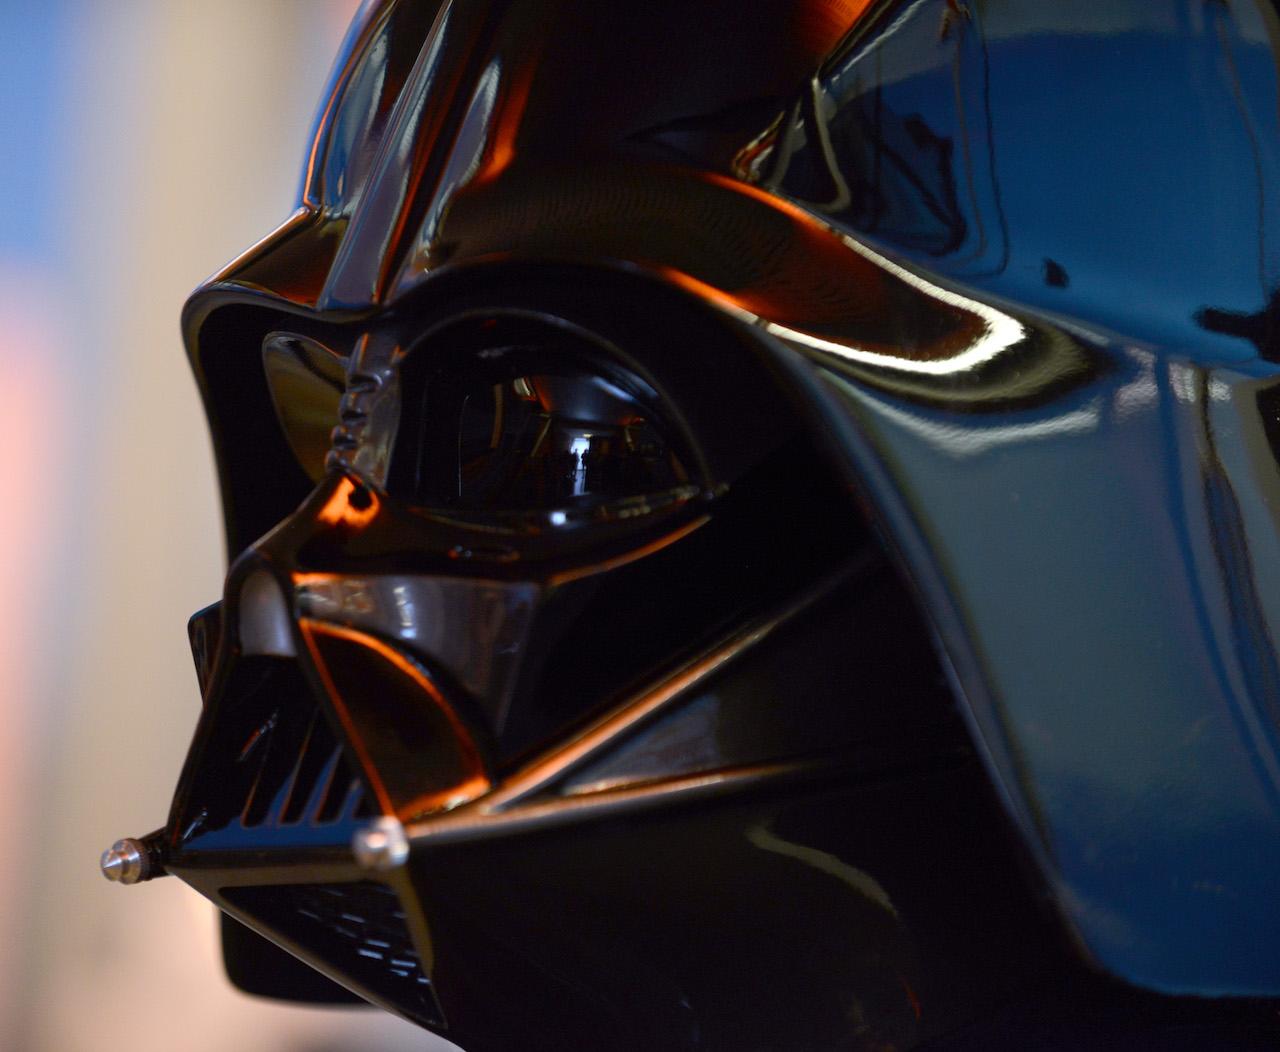 Darth Vader's helmet